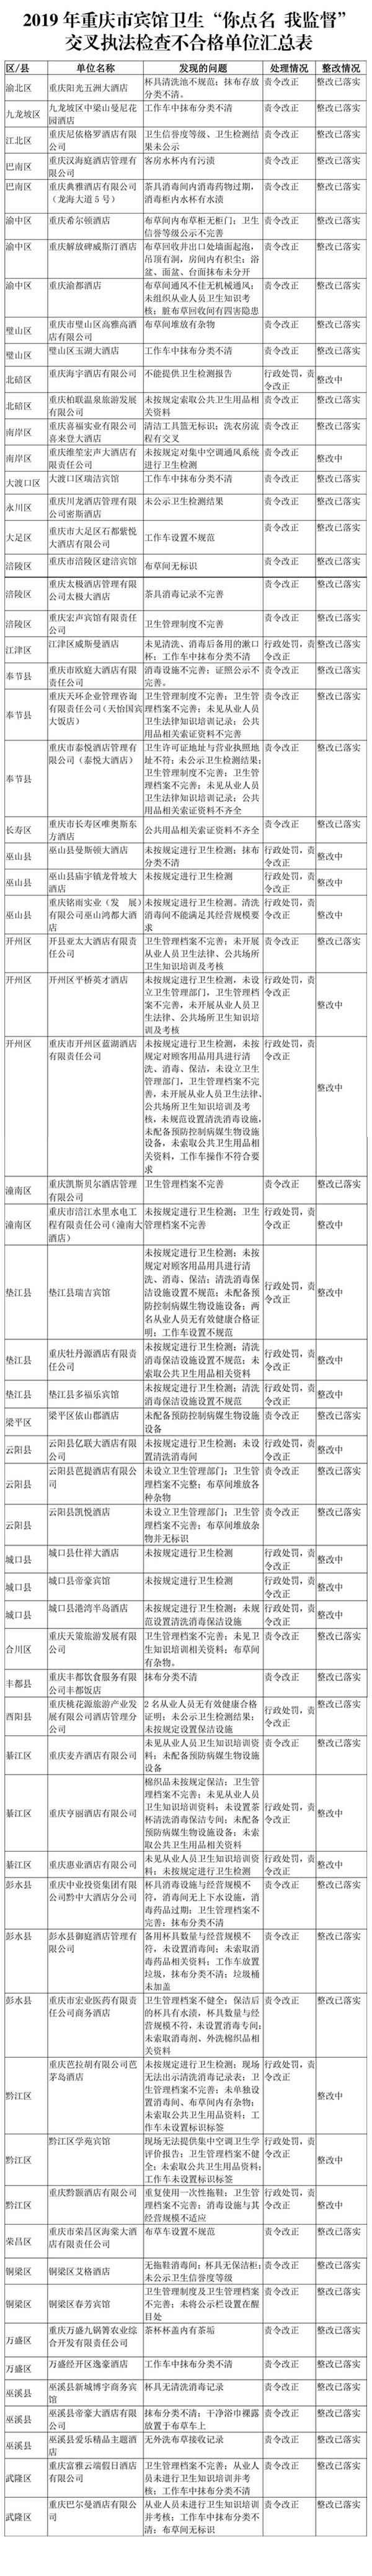 重庆喜来登大酒店等65家宾馆被责令卫生整改